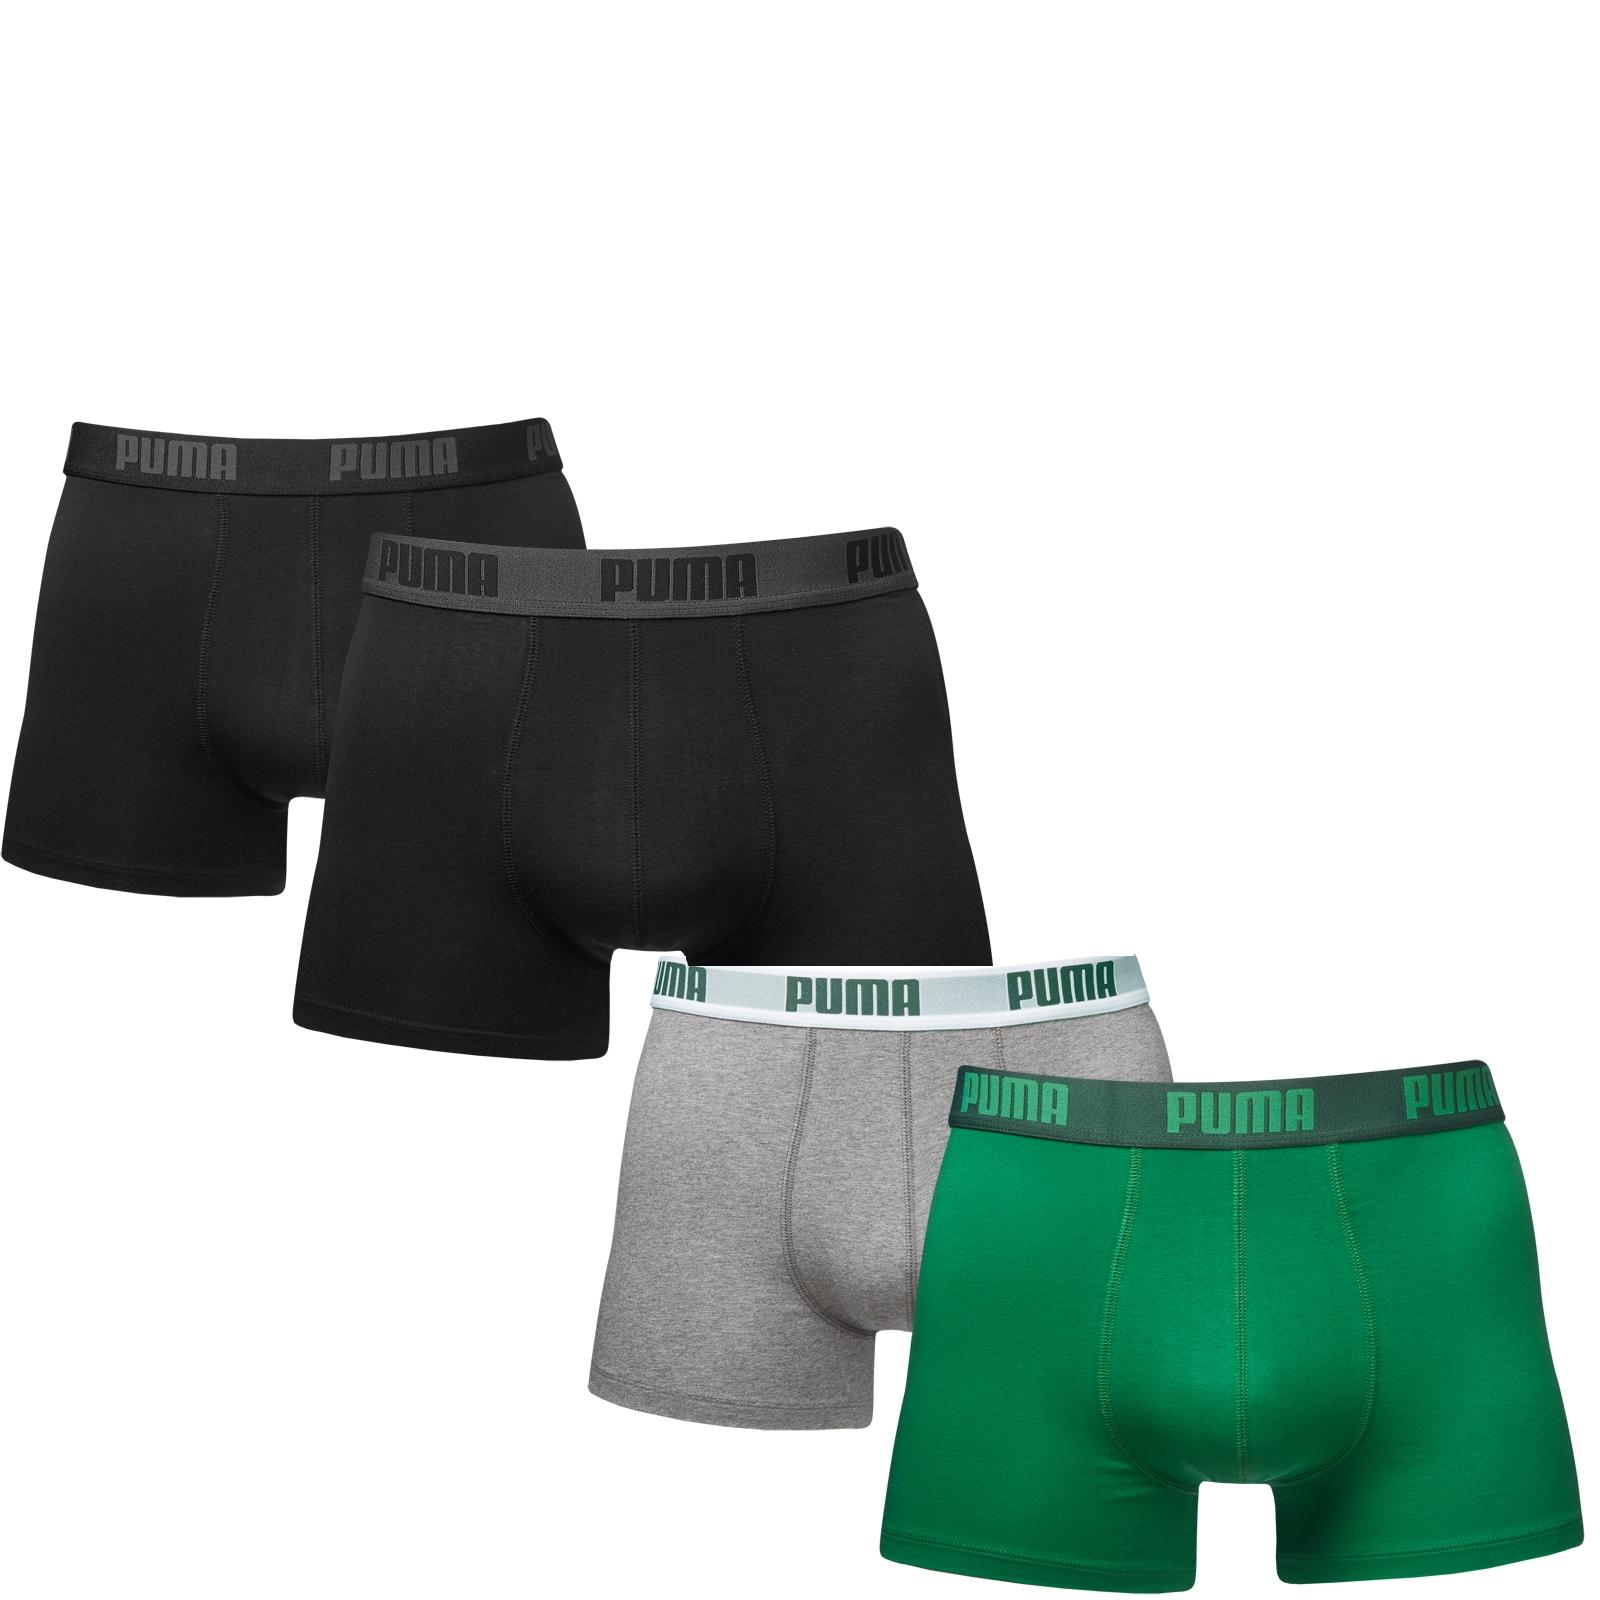 4er-Pack-Puma-Herren-Boxershorts-Unterhosen-S-M-L-XL-ver-Farbstellungen